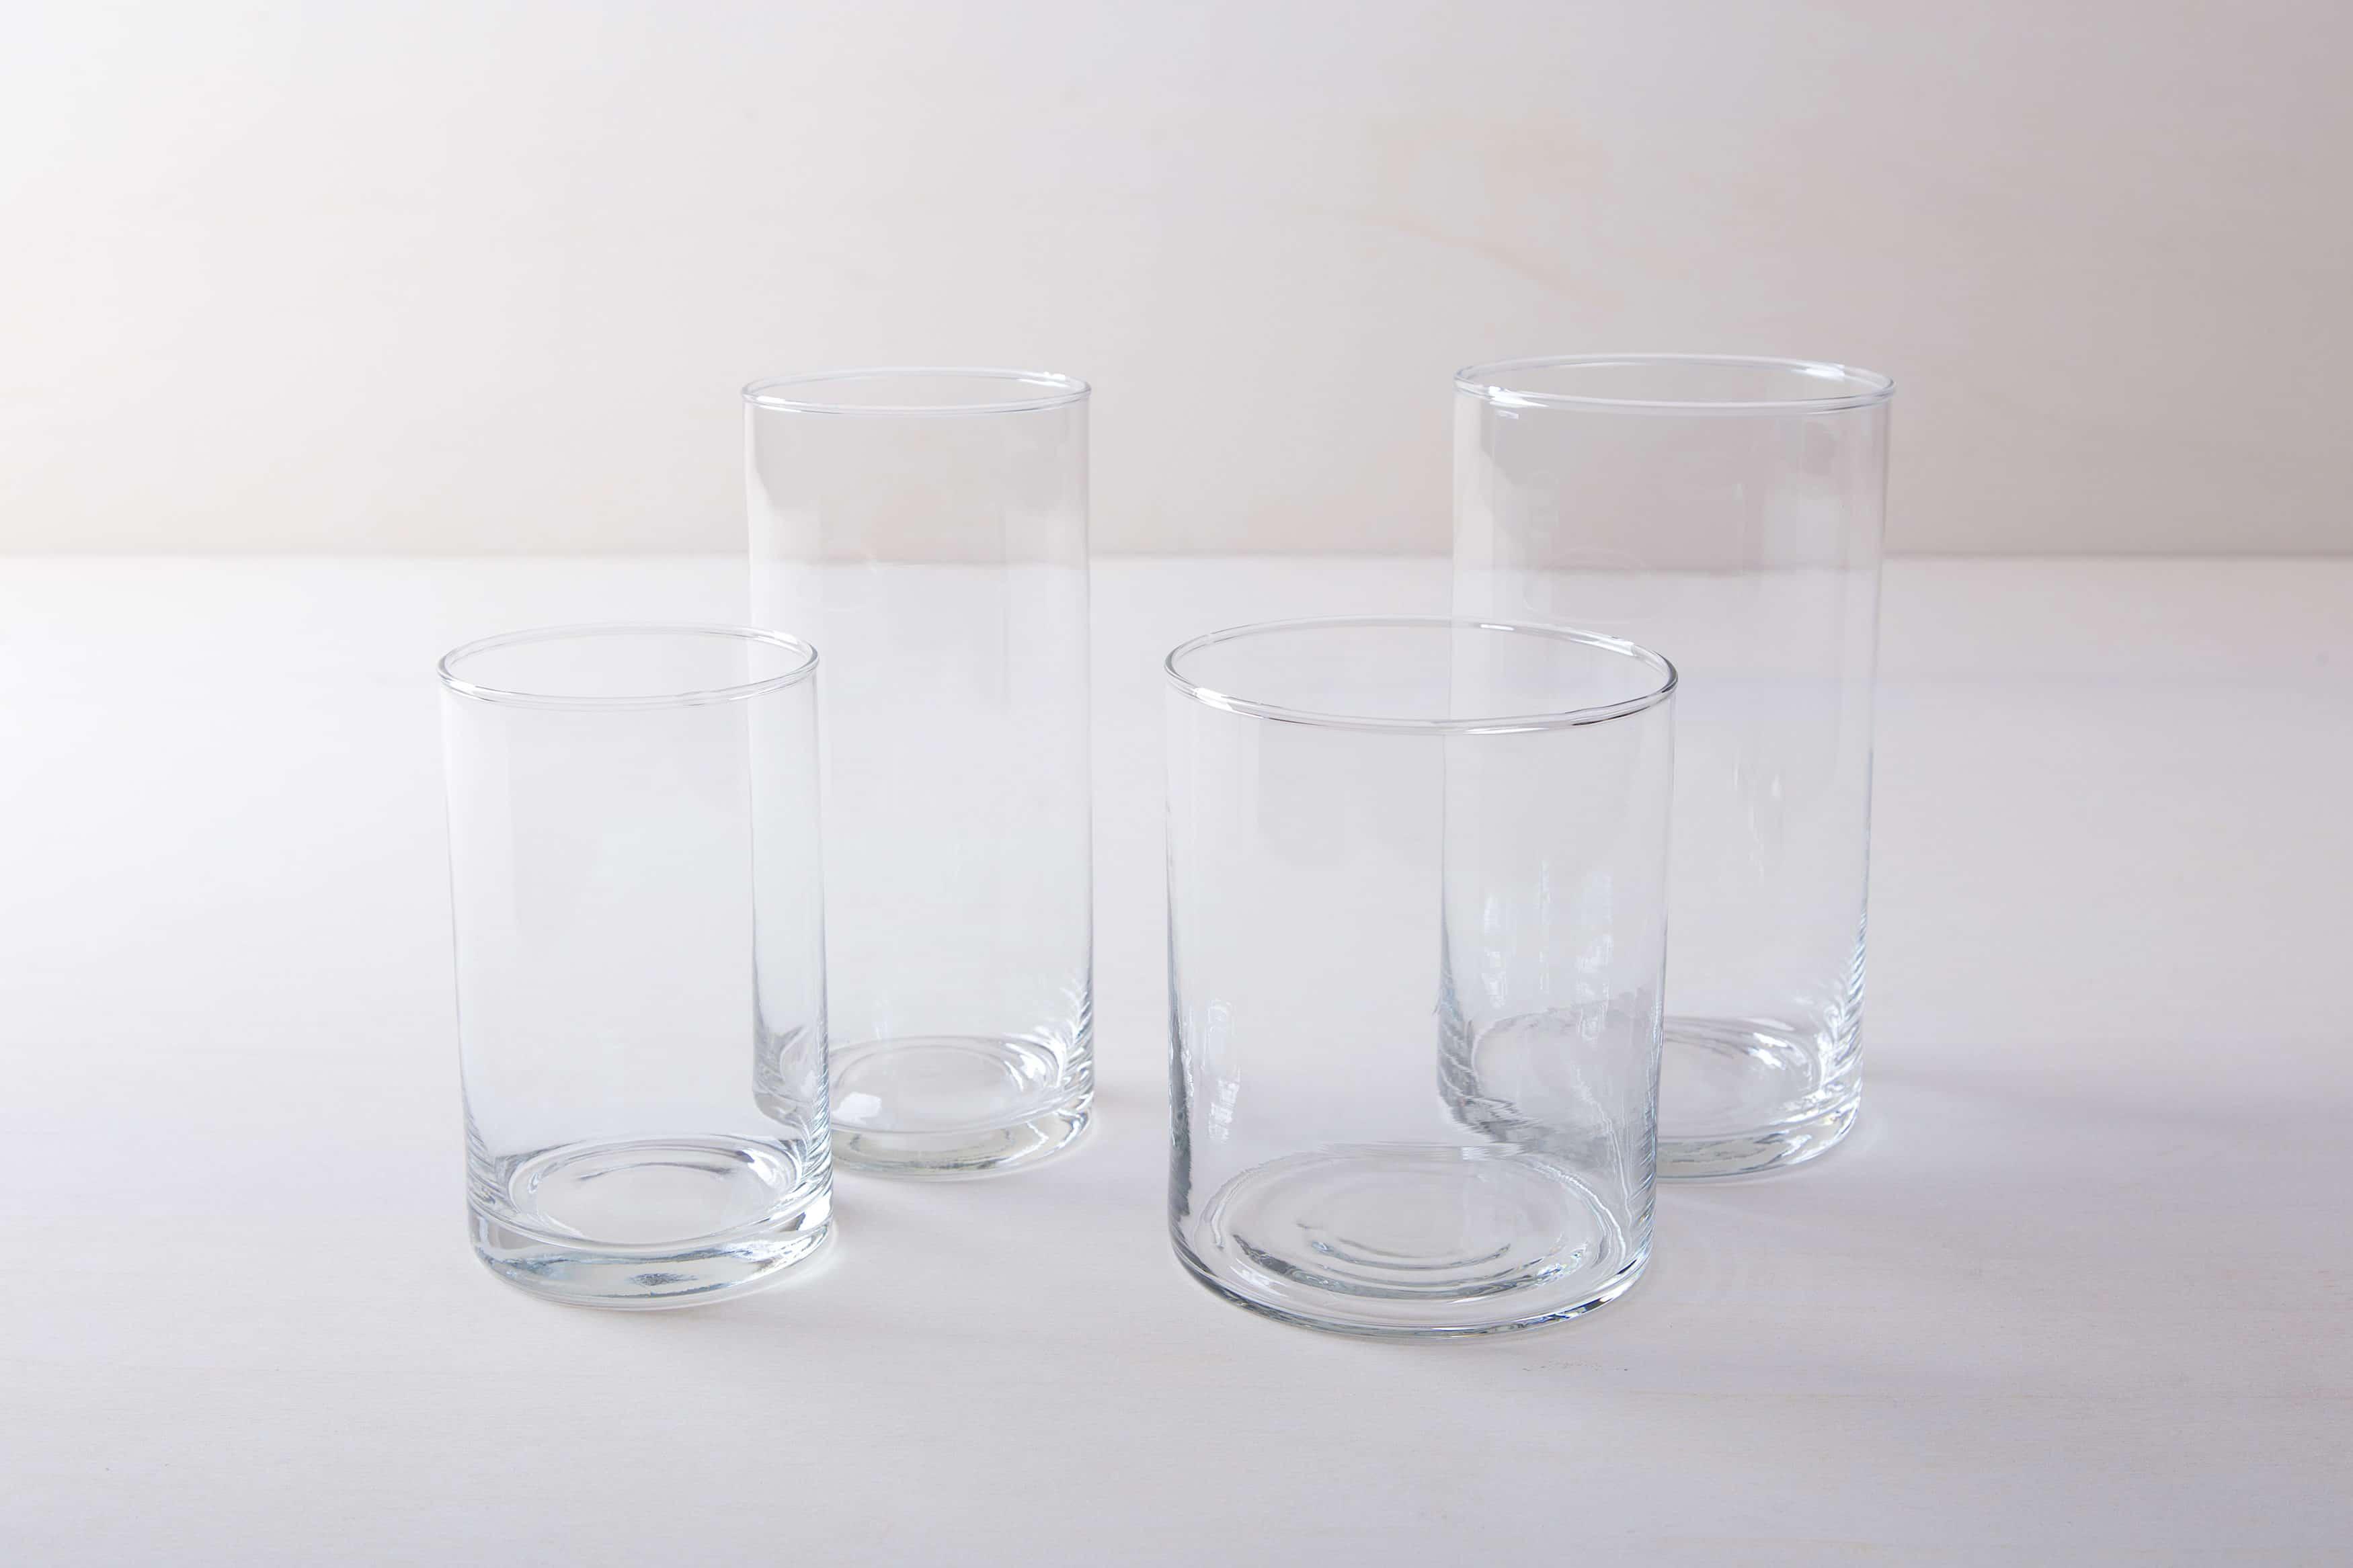 Ganz schlicht und elegant ist Glasvase Bacoya. Dieser unaufdringliche Glaszylinder setzt Blumensträuße innen wie außen gut in Szene und stielt den bunten Blumen dabei nicht die Show. Ob sommerliche Gartenparty oder elegante Winterhochzeit– Blumenvase Bacoya passt zu vielen Veranstaltungen und Farben. Den Glaszylinder, mit dem Durchmesser 12 cm und einer Höhe von 20 cm, kannst Du mit einer Kerze auch als Windlicht mieten. Kombiniert mit den verschiedenen zylindrischen Größen der Bacoya Serie, ergibt sich bei Deinem Event ein stimmige Bild.